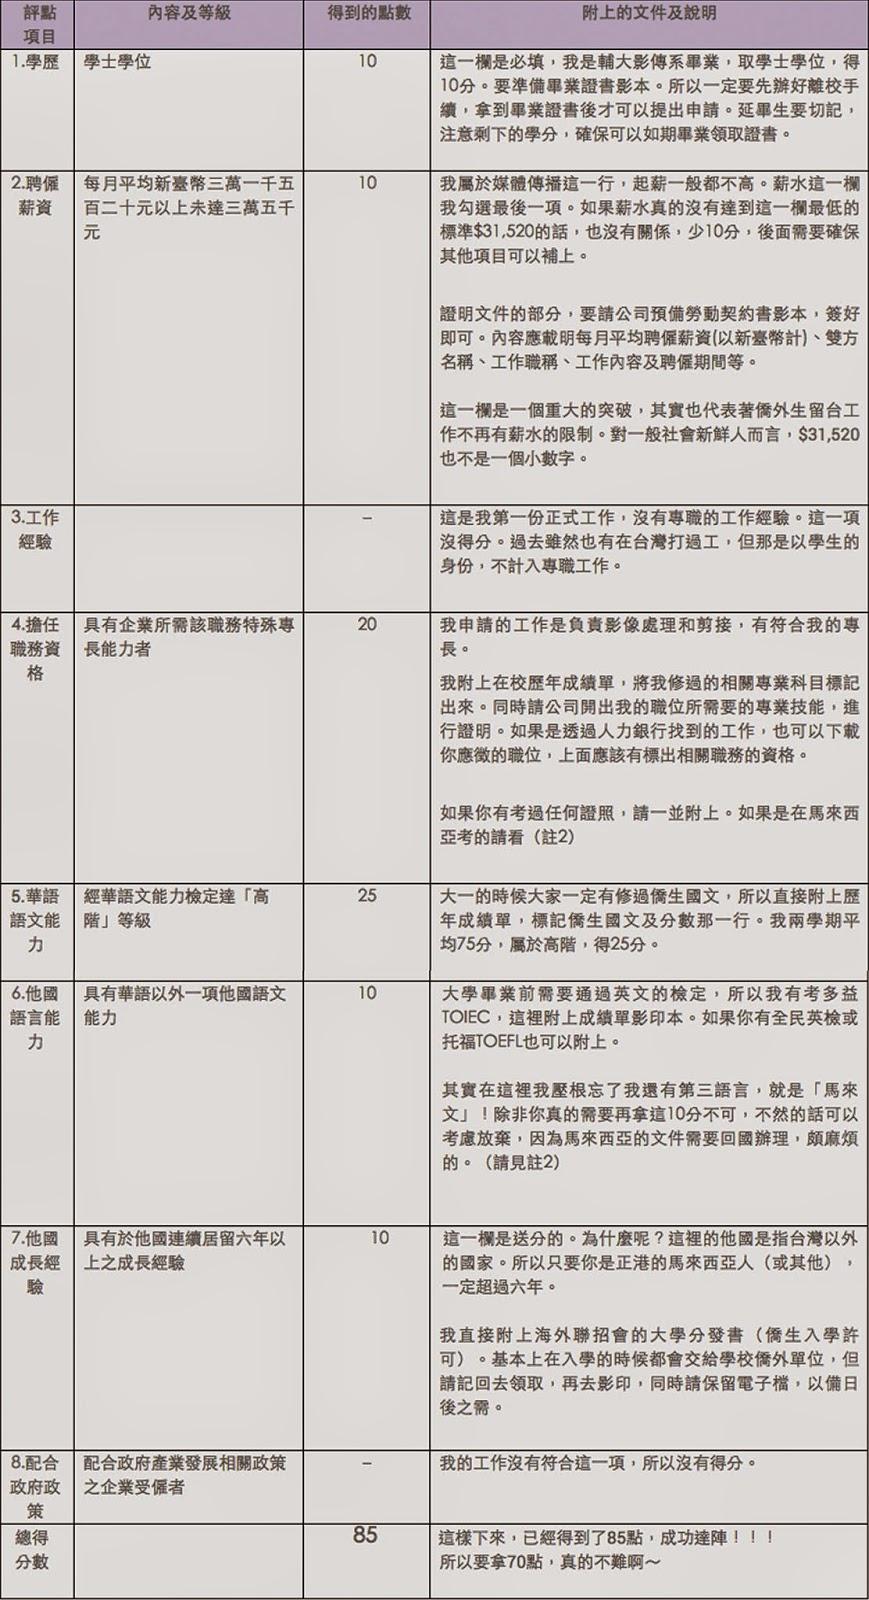 僑生畢業留臺工作證申請(評點配額制)